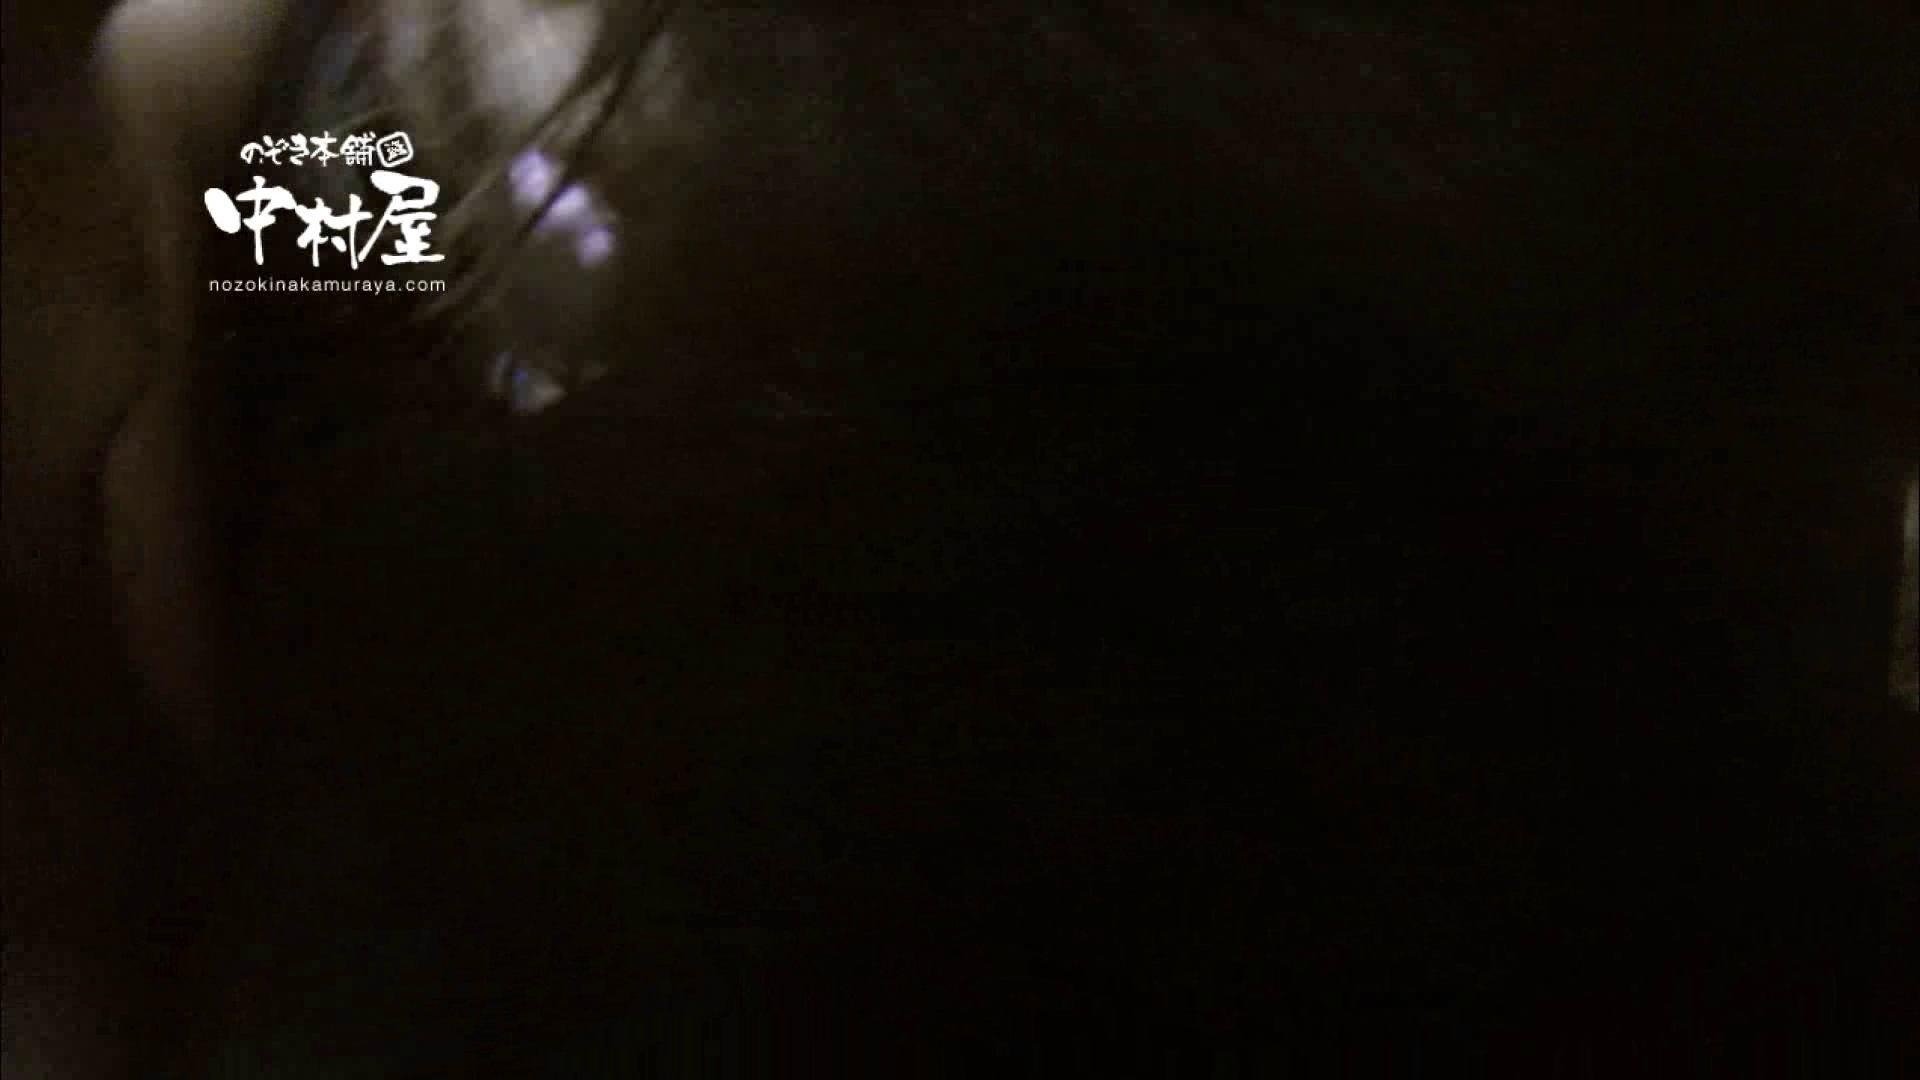 鬼畜 vol.11 下の口は正直なオンナ 後編 OLすけべ画像  46連発 24